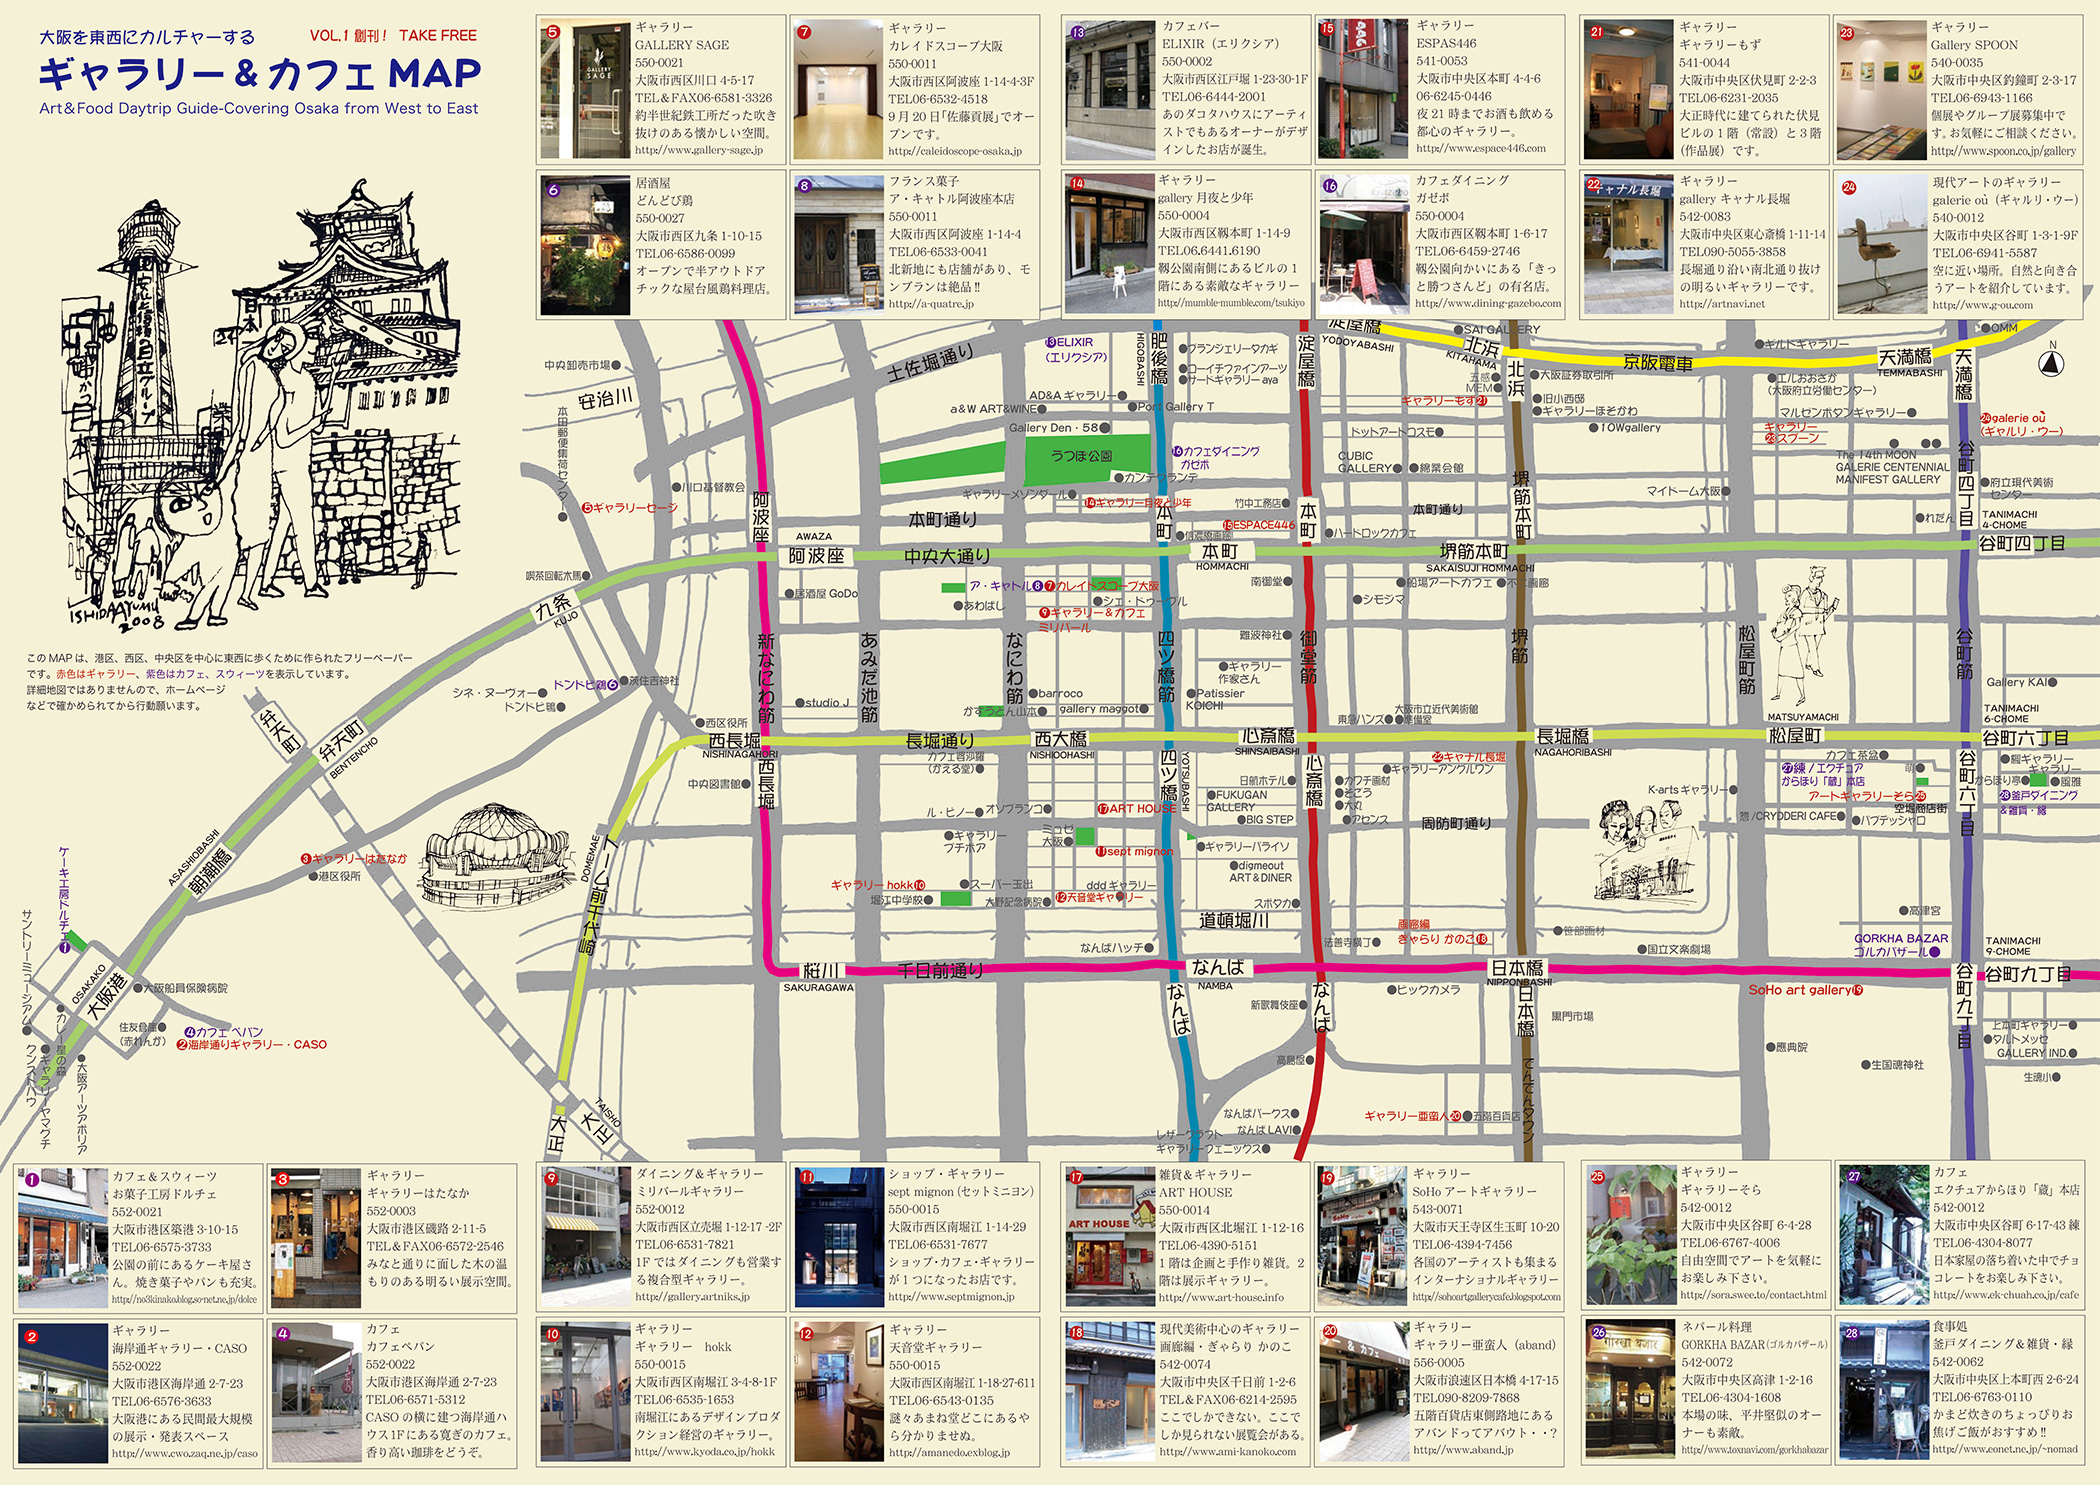 ギャラリー&カフェMAP vol.1(創刊号) 大阪を東西にカルチャーする